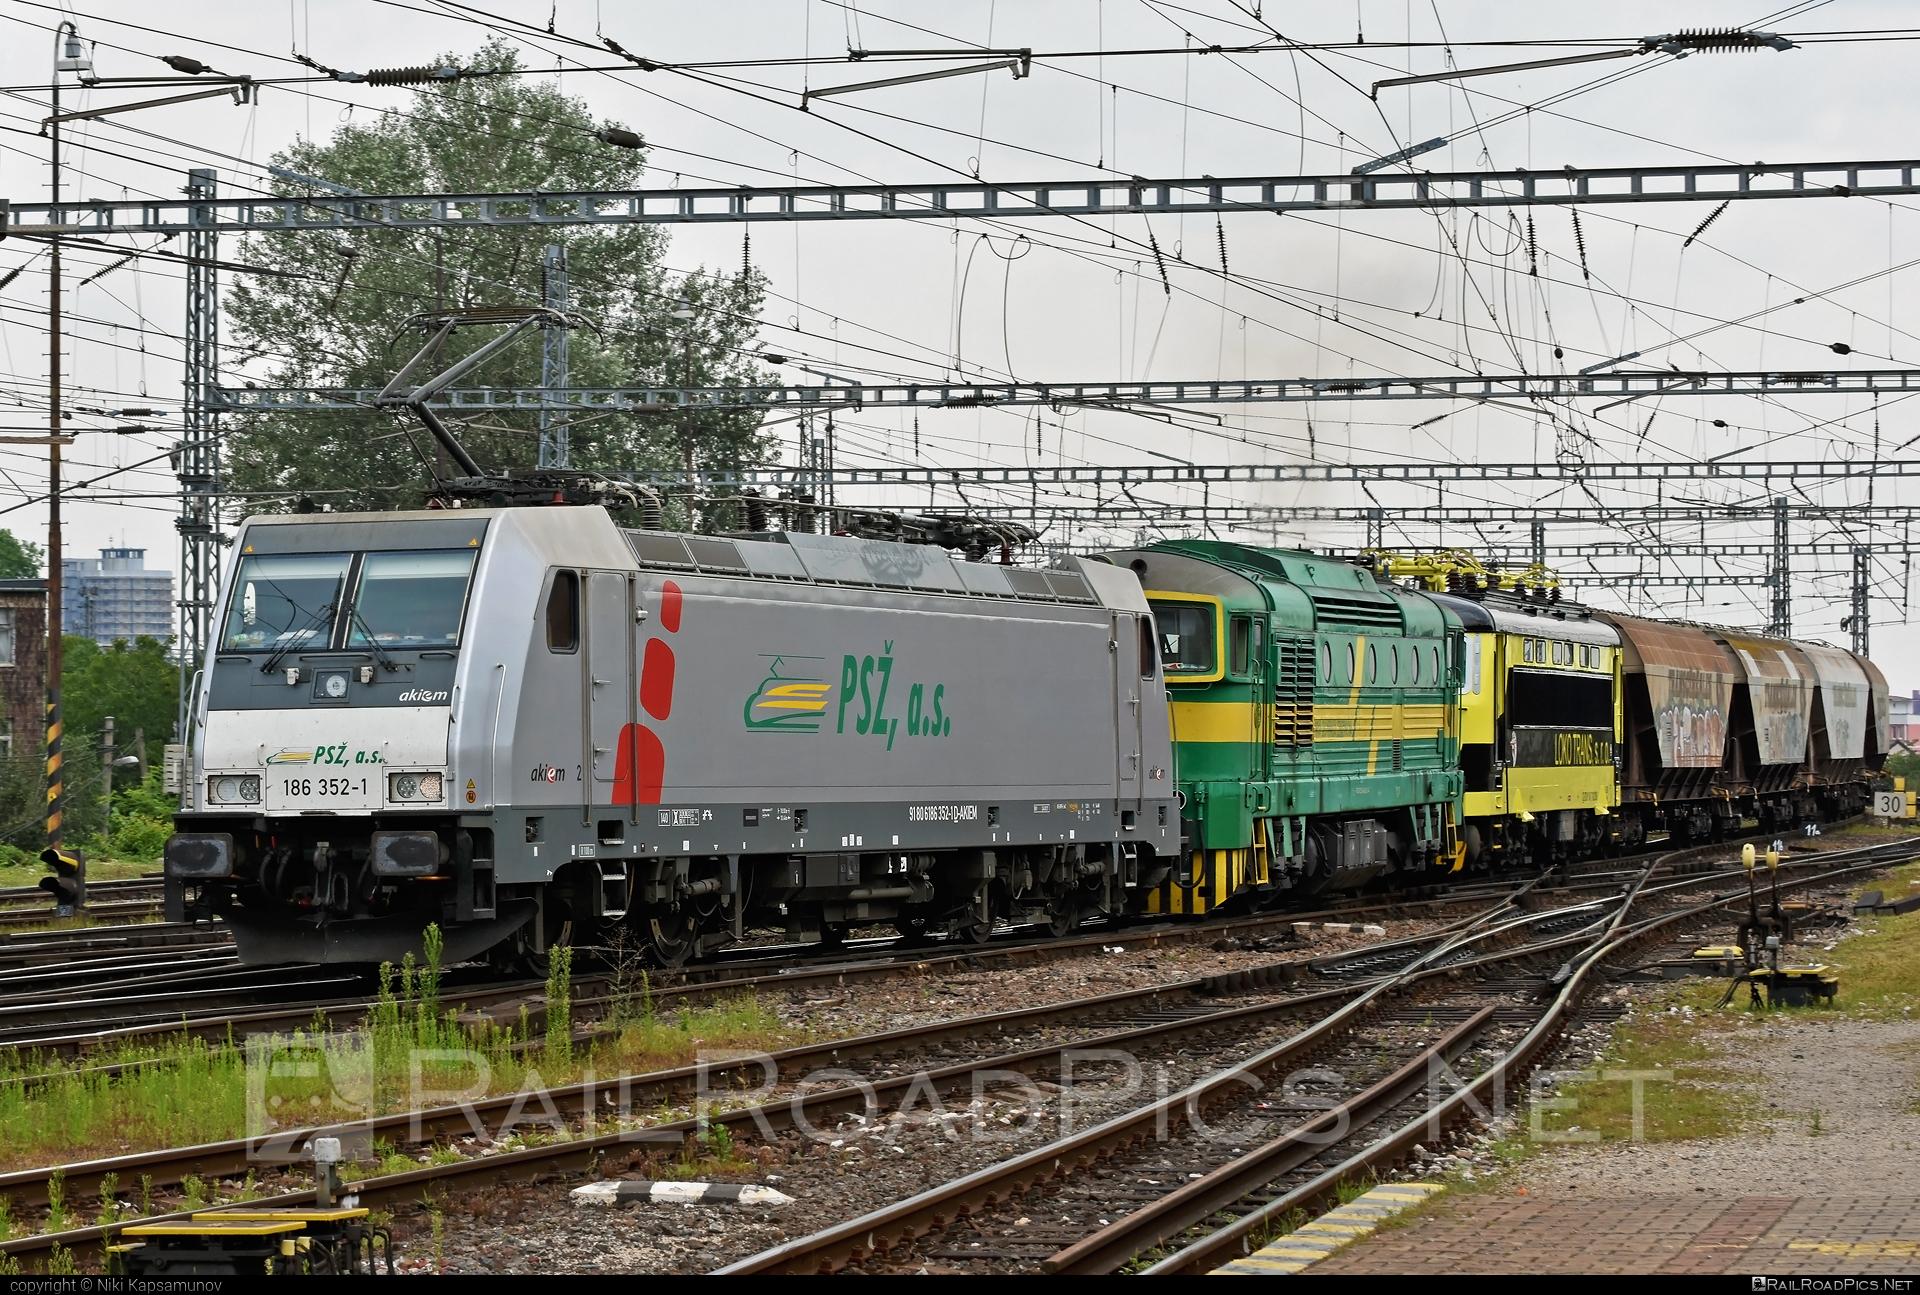 Bombardier TRAXX F140 MS - 186 352-1 operated by Prvá Slovenská železničná, a.s. #akiem #akiemsas #bombardier #bombardiertraxx #hopperwagon #prvaslovenskazeleznicna #prvaslovenskazeleznicnaas #psz #traxx #traxxf140 #traxxf140ms